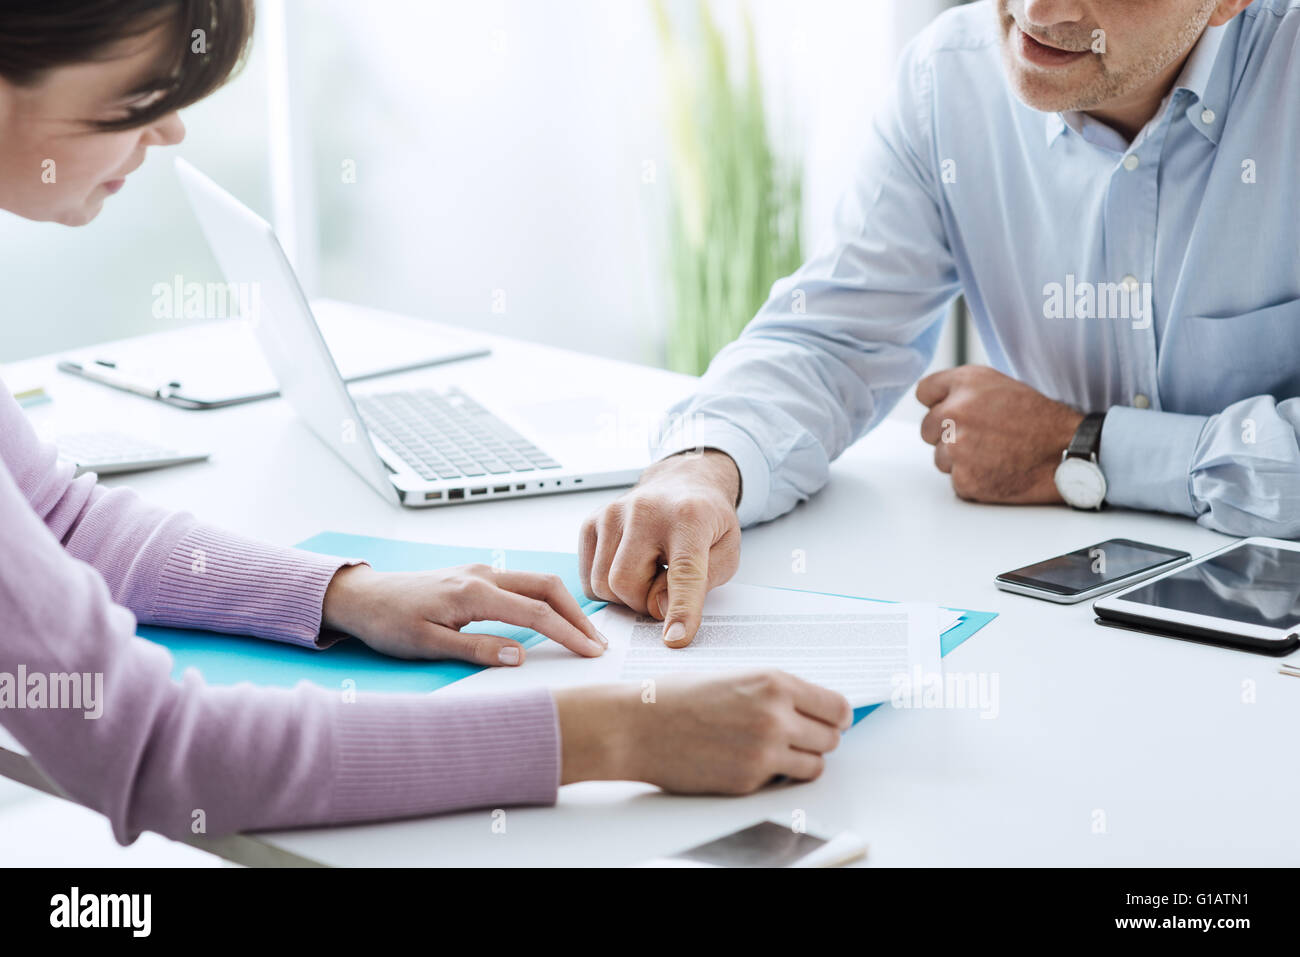 Jeune femme ayant une réunion d'affaires avec un comité exécutif dans son bureau, il se dirige Photo Stock